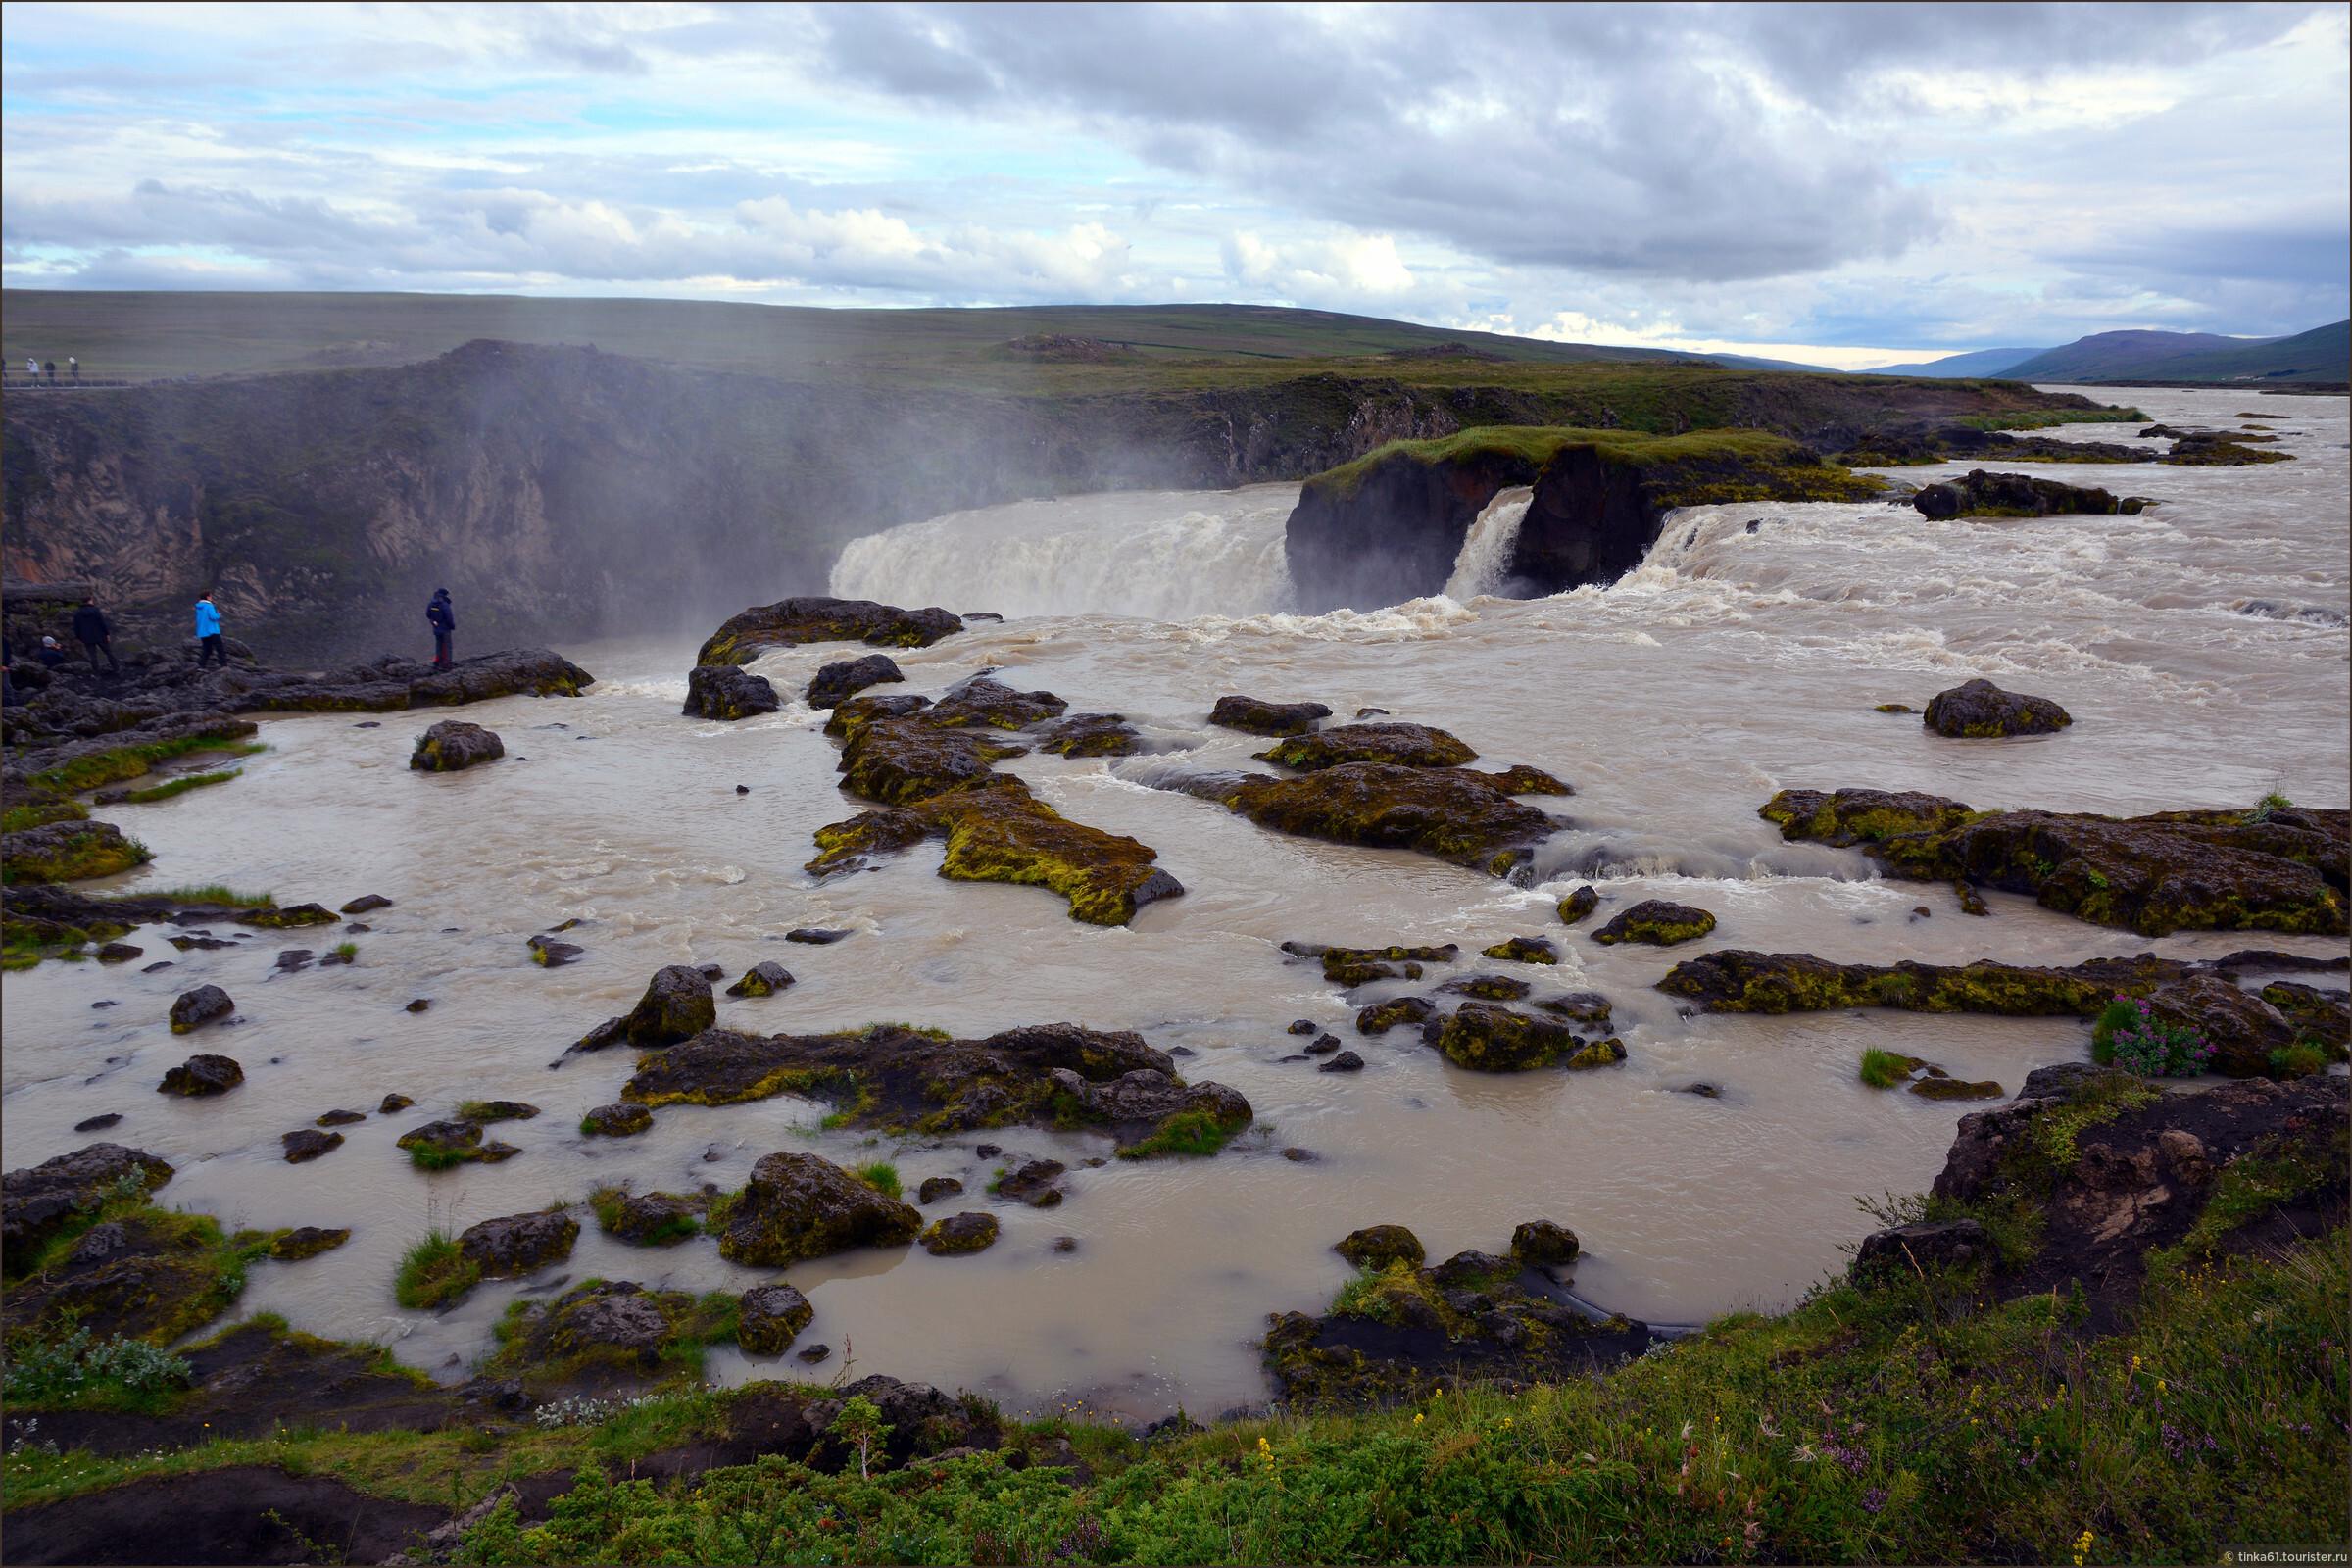 встречается крс блауфедль исландия фото этой